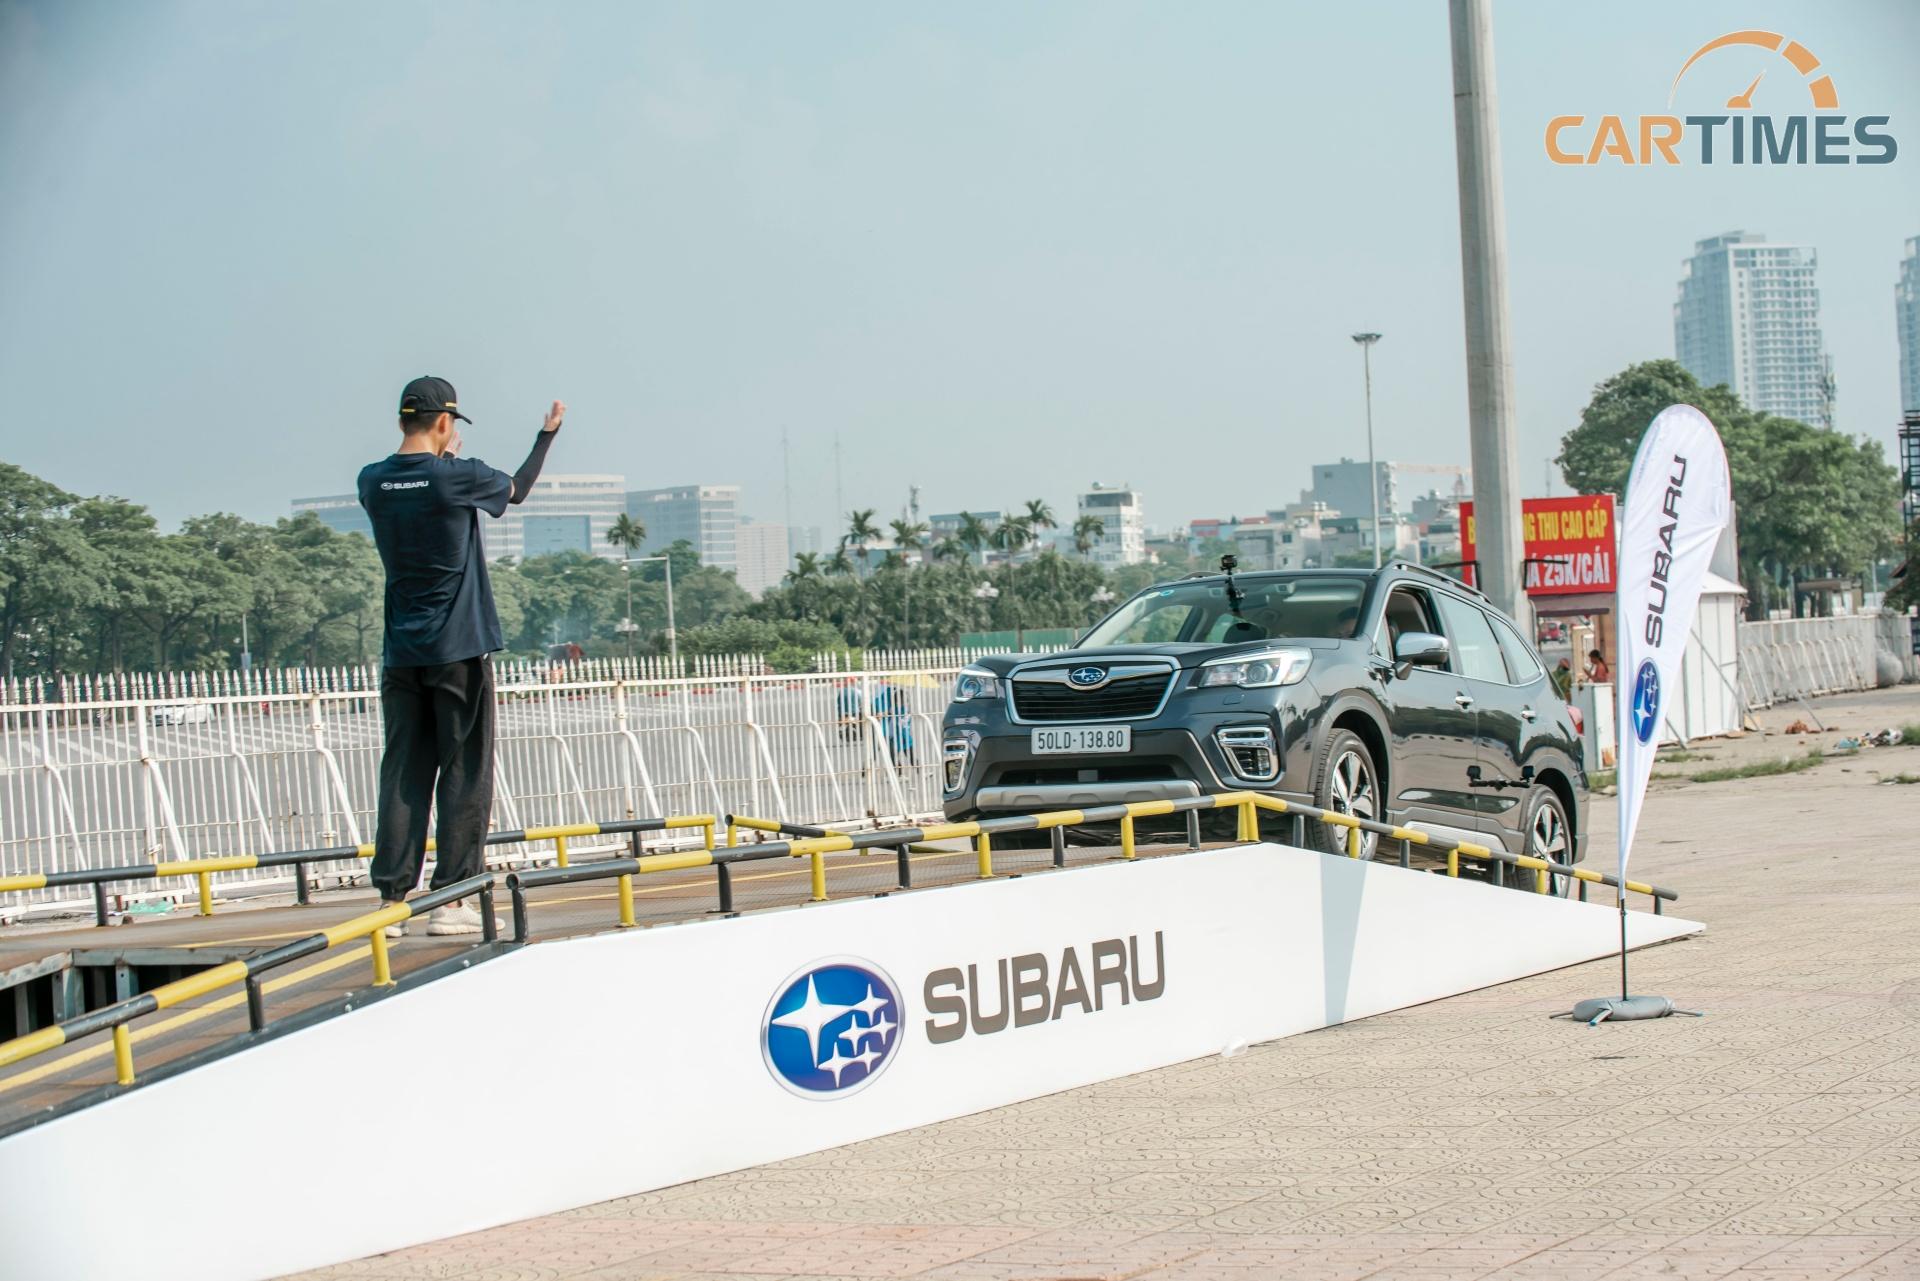 Cuối tuần trải nghiệm sự kiện lái thử Subaru Ultimate Test Drive tại Mỹ Đình